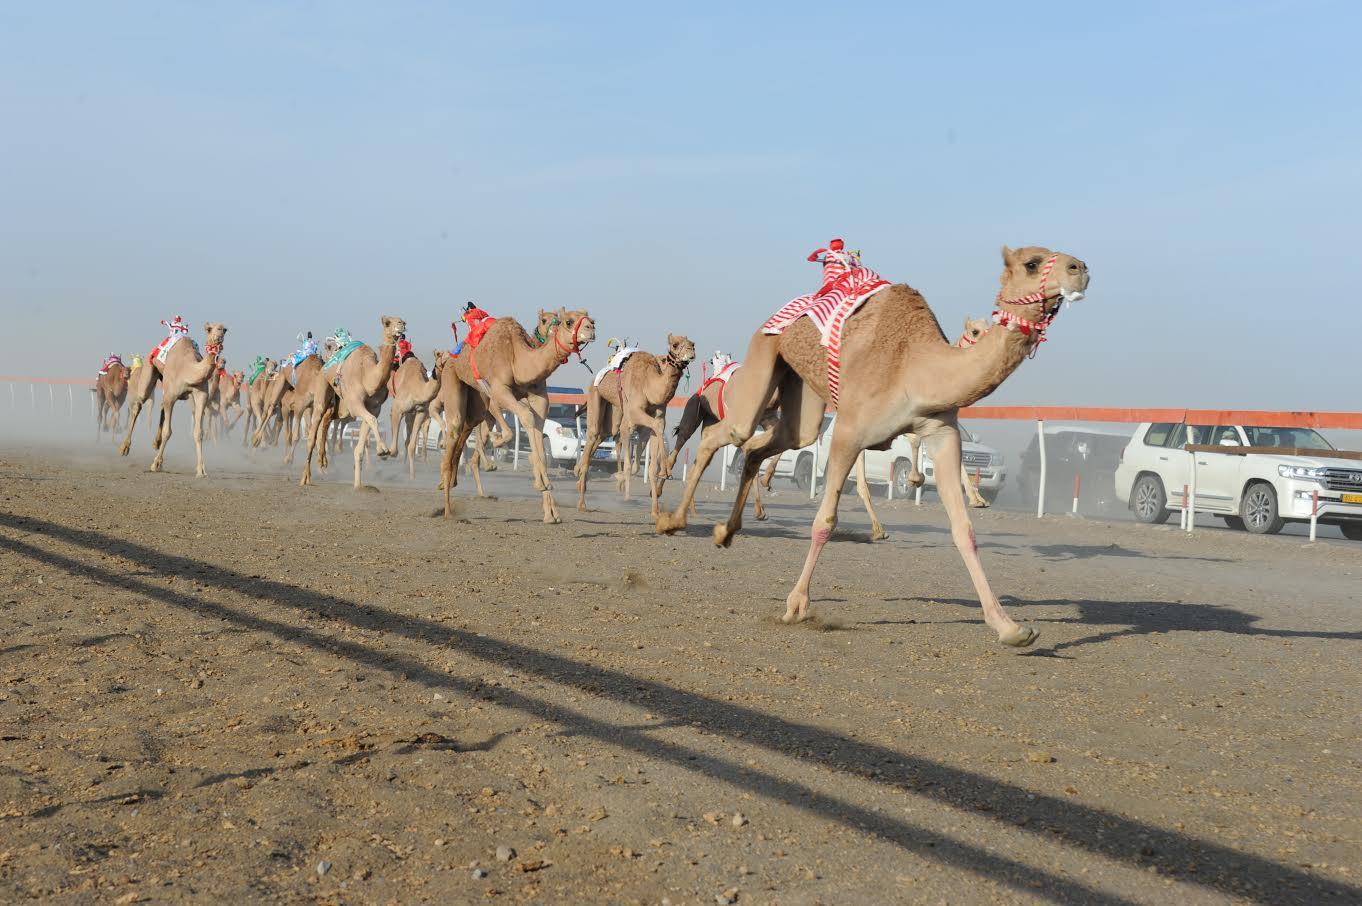 28 شوطا في المهرجان السنوي لسباقات الهجن الاهلية في محطته بولاية صحار